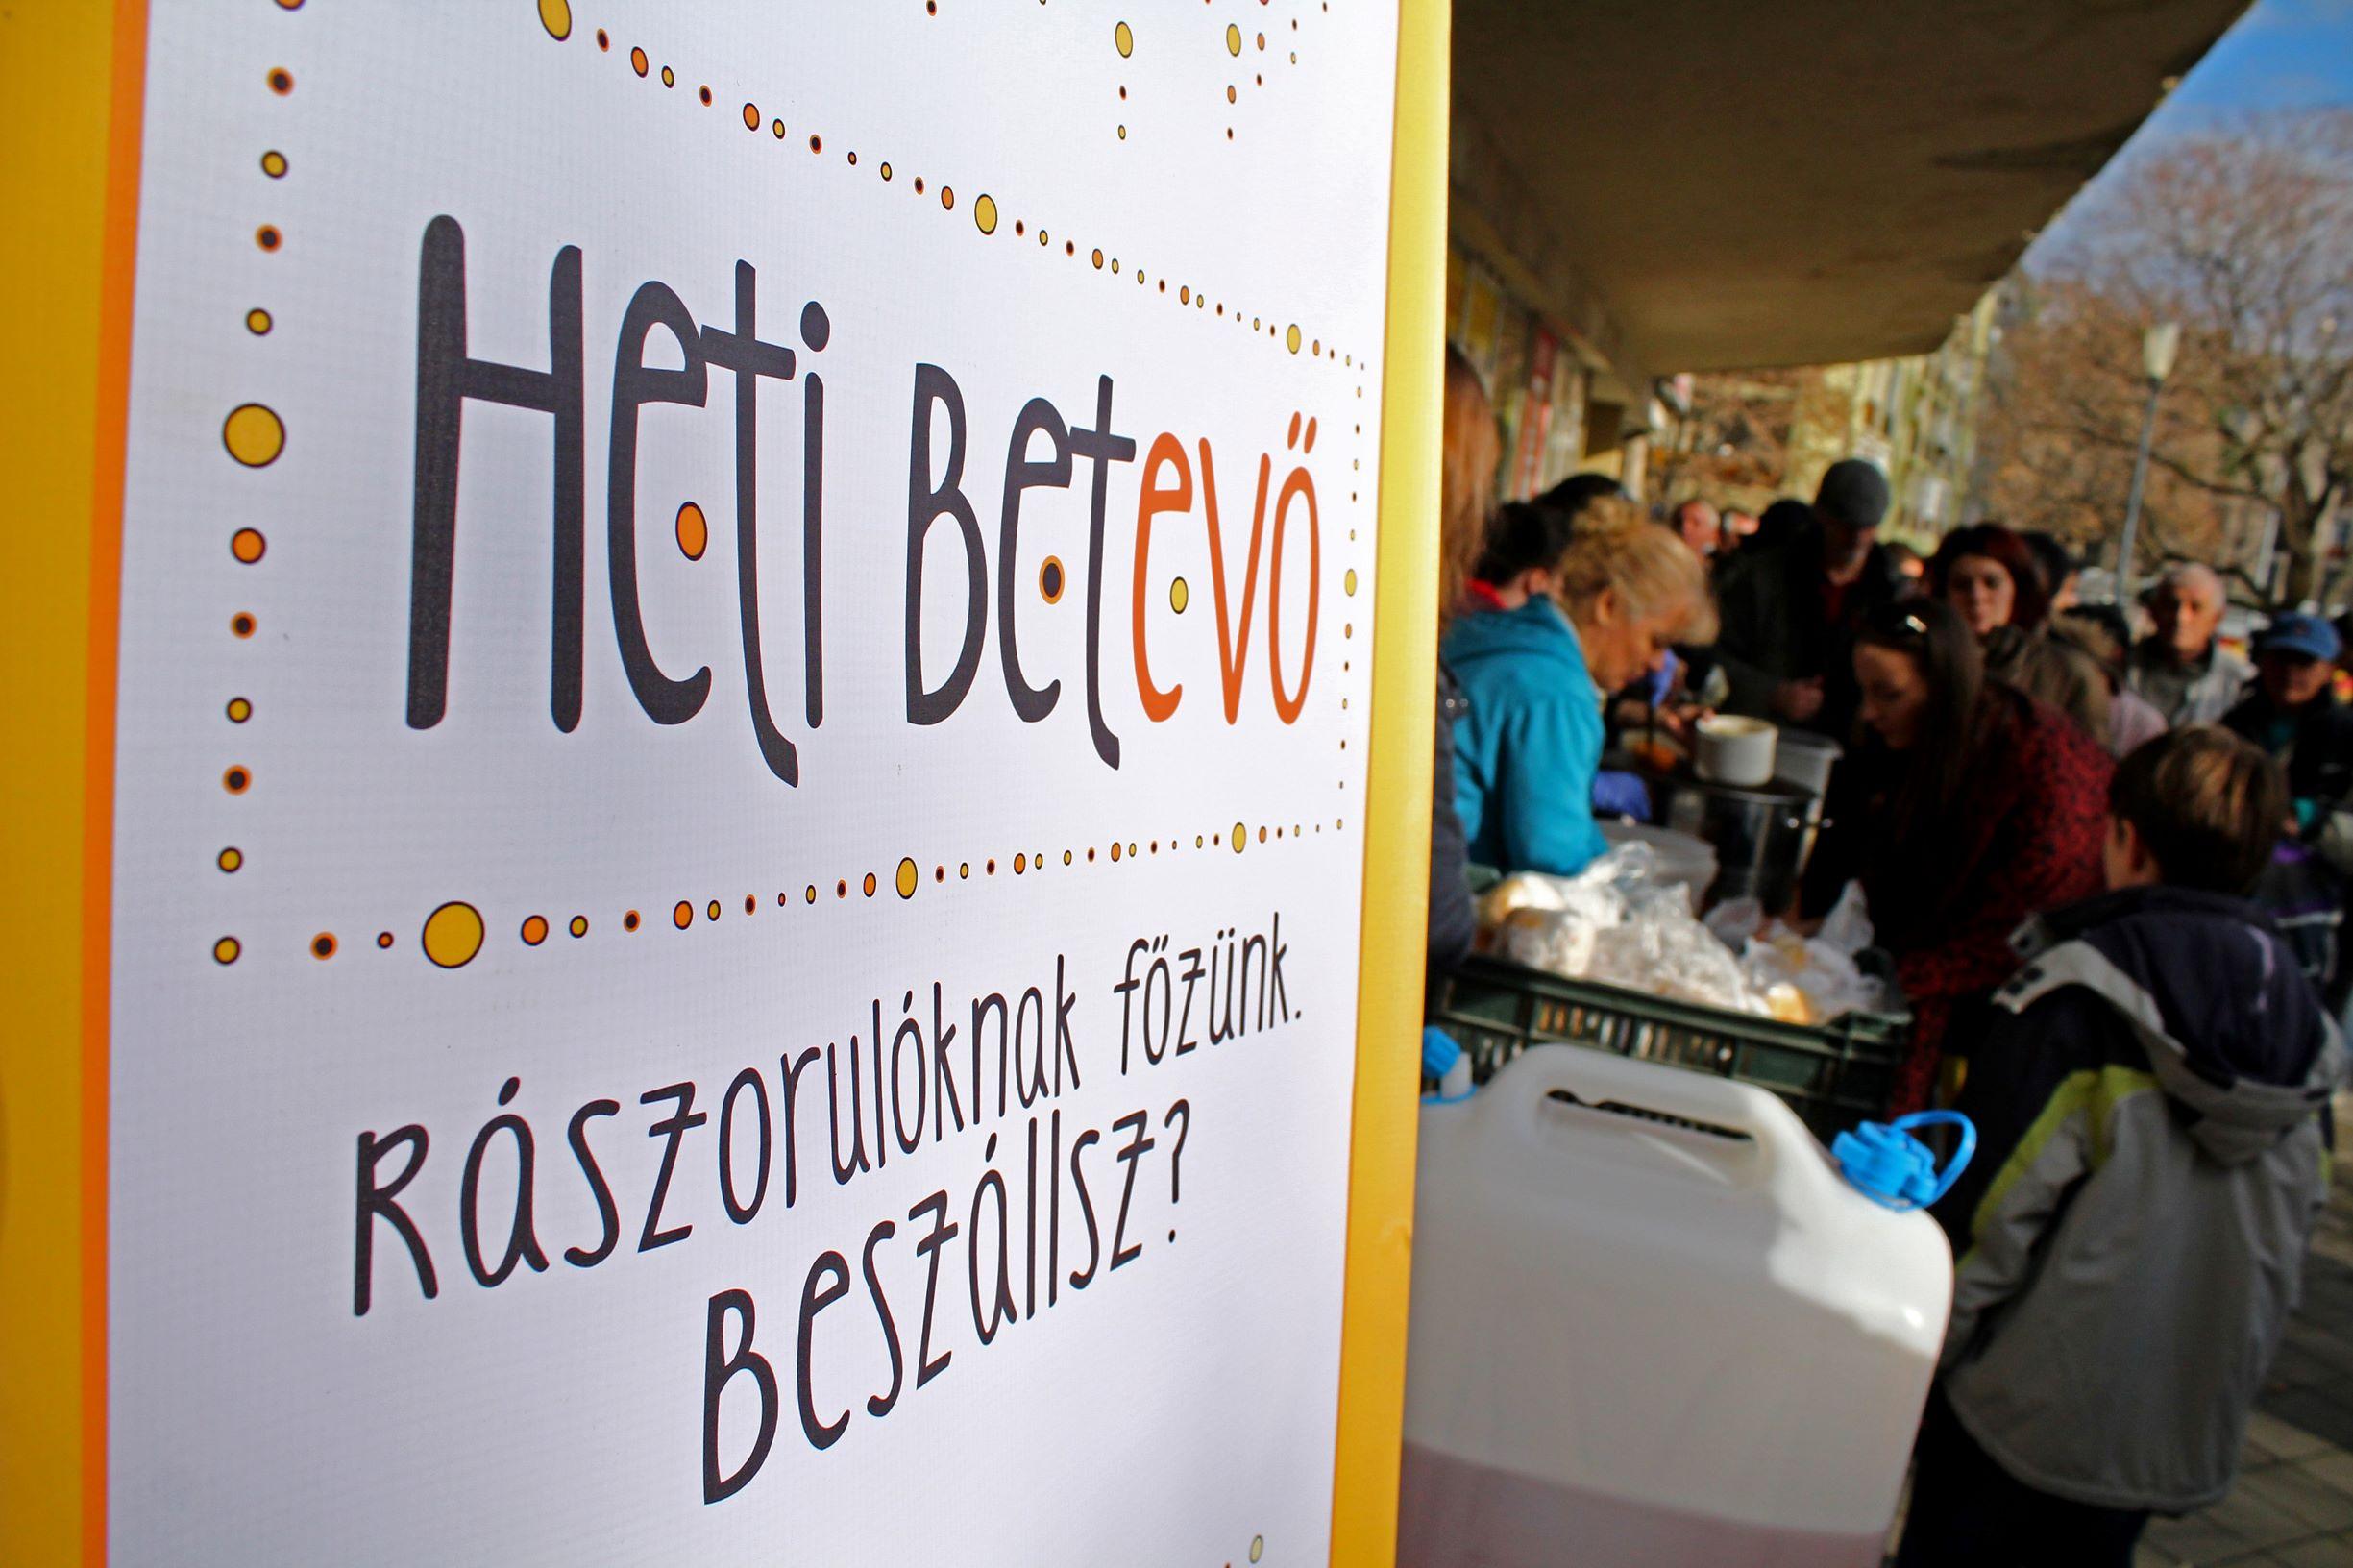 Rászorulóknak főzünk - Heti Betevő Pécs